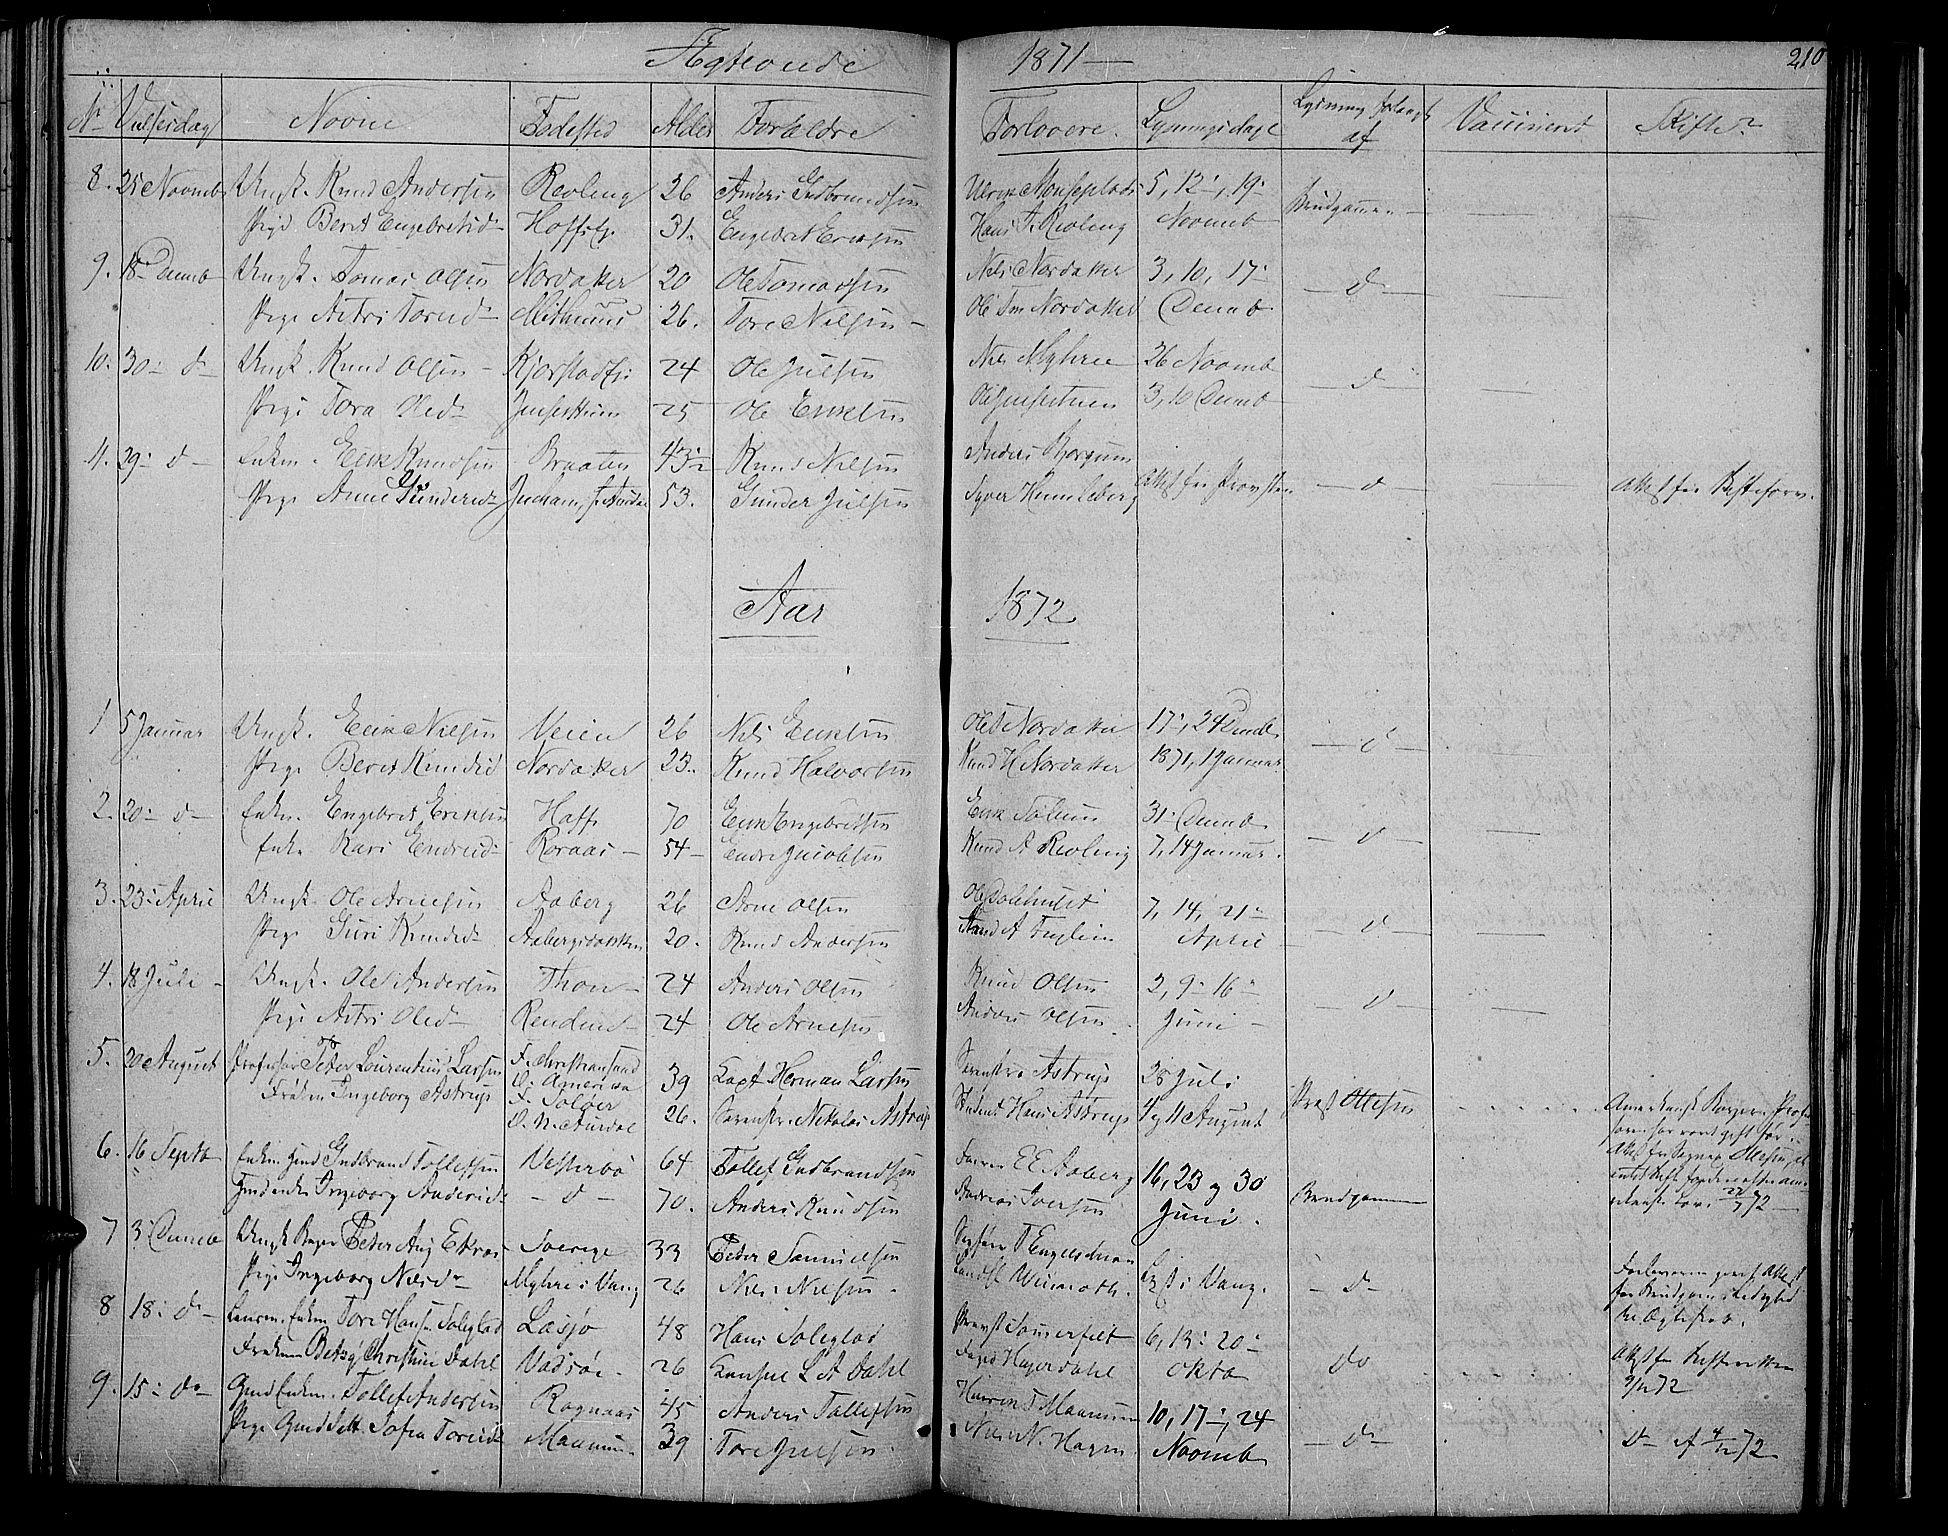 SAH, Nord-Aurdal prestekontor, Klokkerbok nr. 2, 1842-1877, s. 210